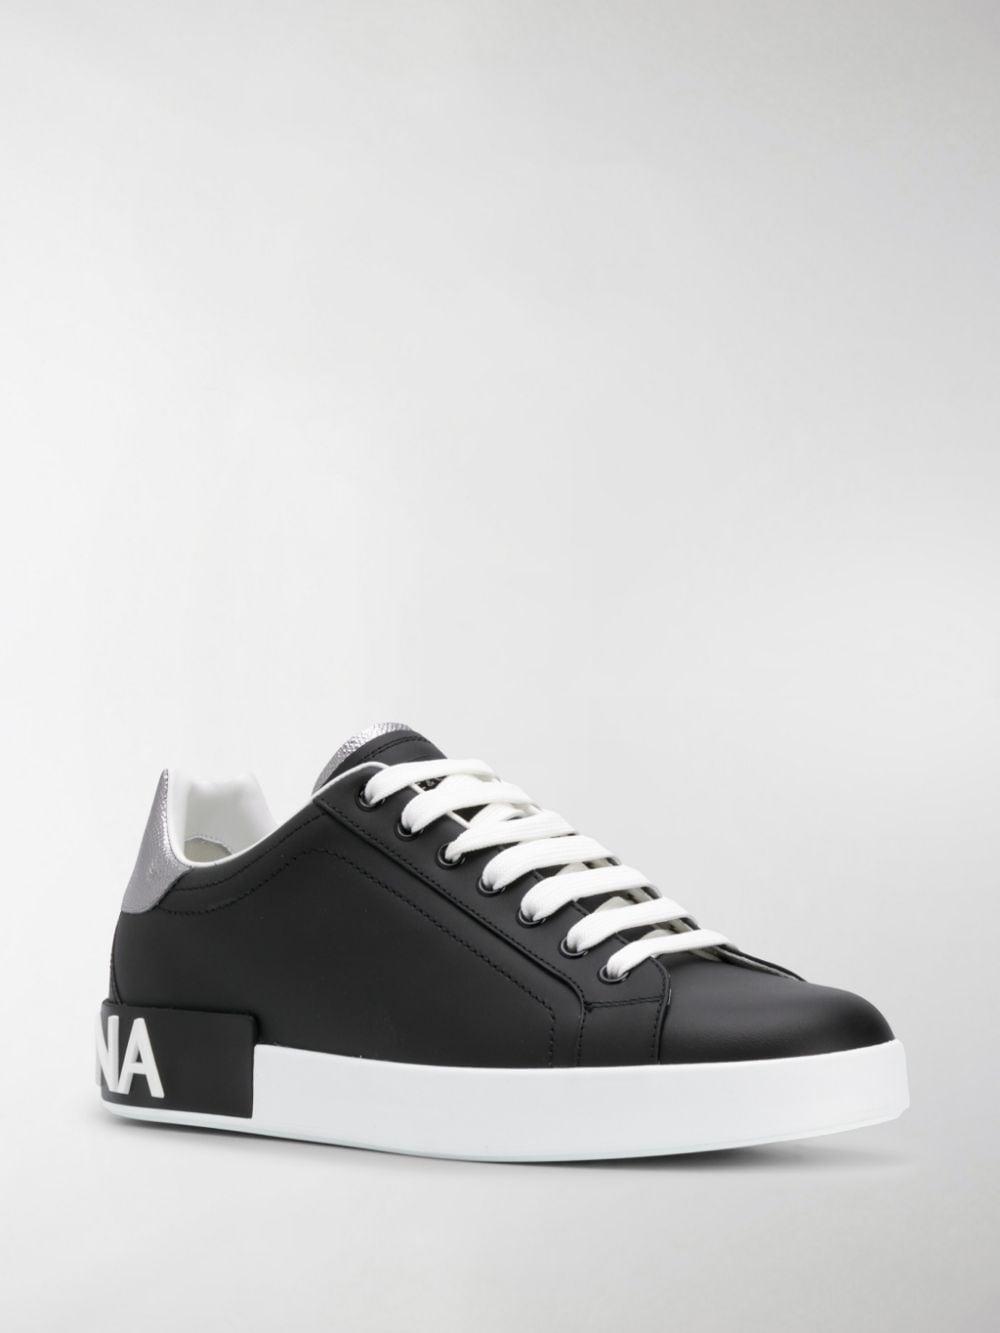 sneakers bassa nera in pelle di vitello Portofino con dettagli argento DOLCE & GABBANA   Sneakers   CS1760-AH5278B979